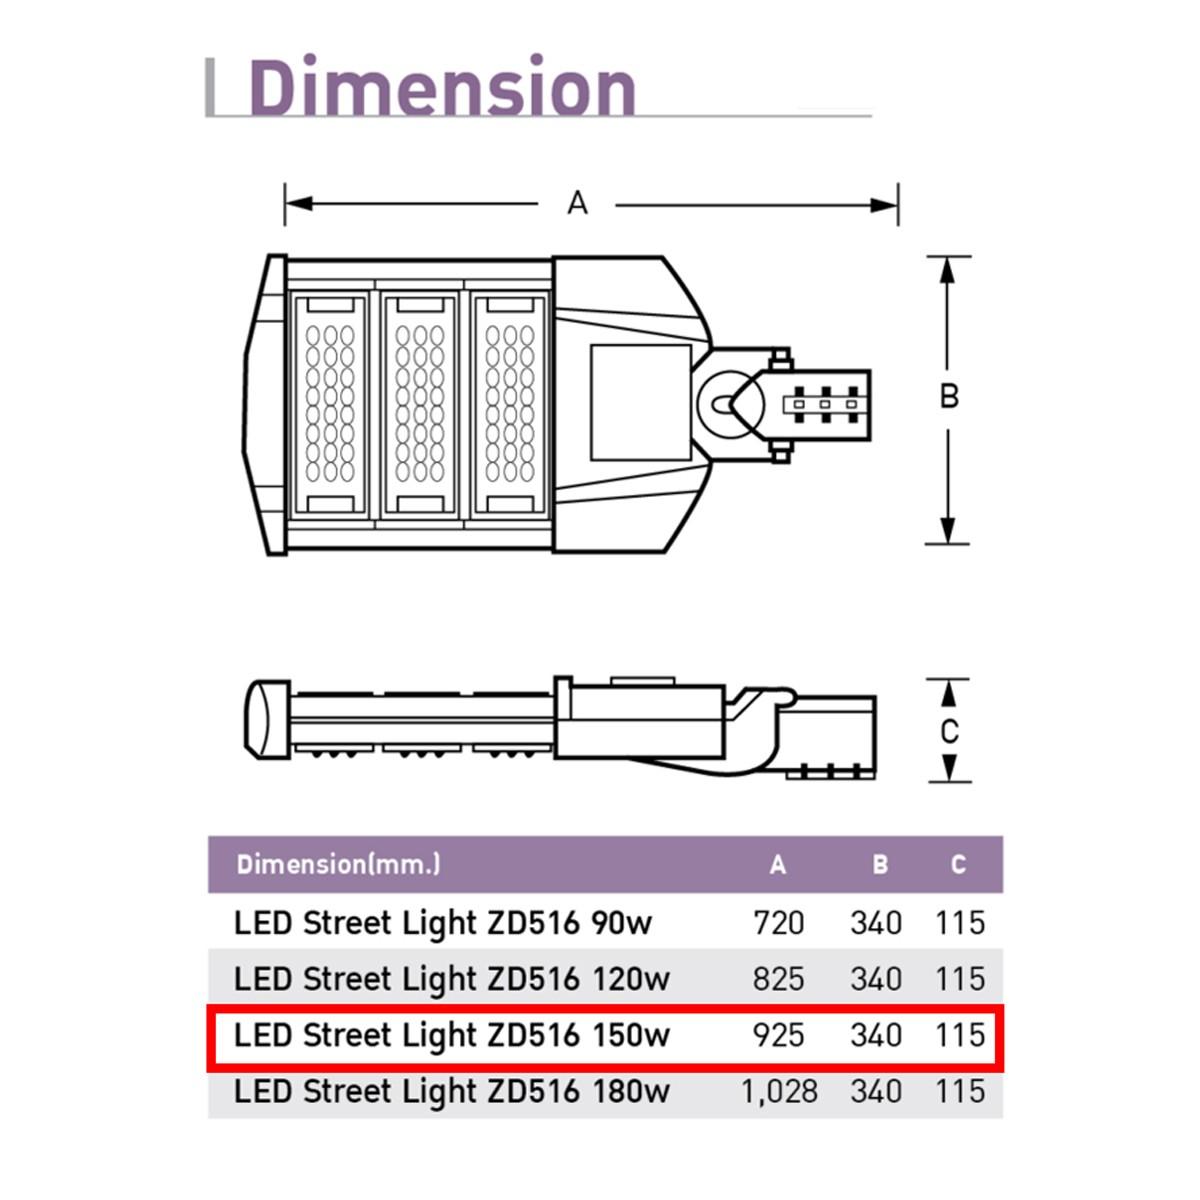 รายละเอียดโคมไฟถนน LED Street Light 150w (วอร์มไวท์) EVE